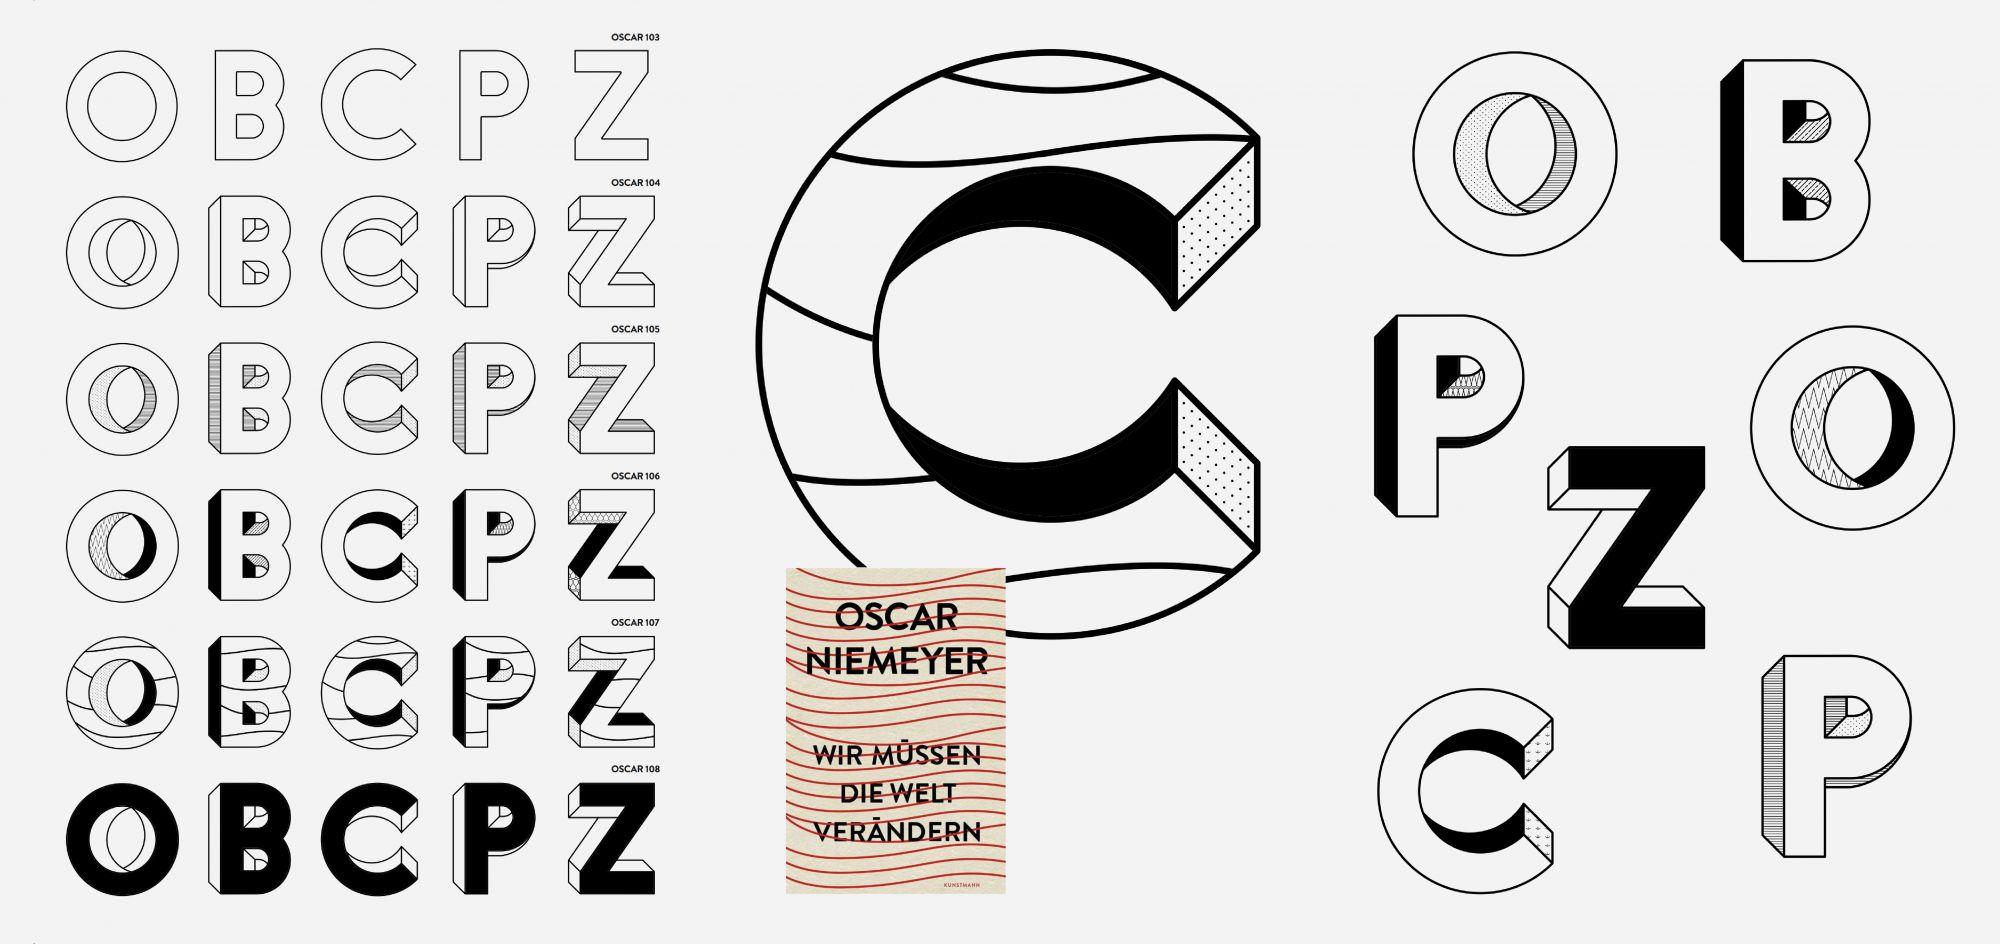 Persönlich verknüpft dieses Cover meine beiden Leidenschaften; Architektur und Visuelle Kommunikation. Die Konstruktion der Schrift habe ich mit ArchiCAD erstellt. Cecilie Parra – Oscar 103–108